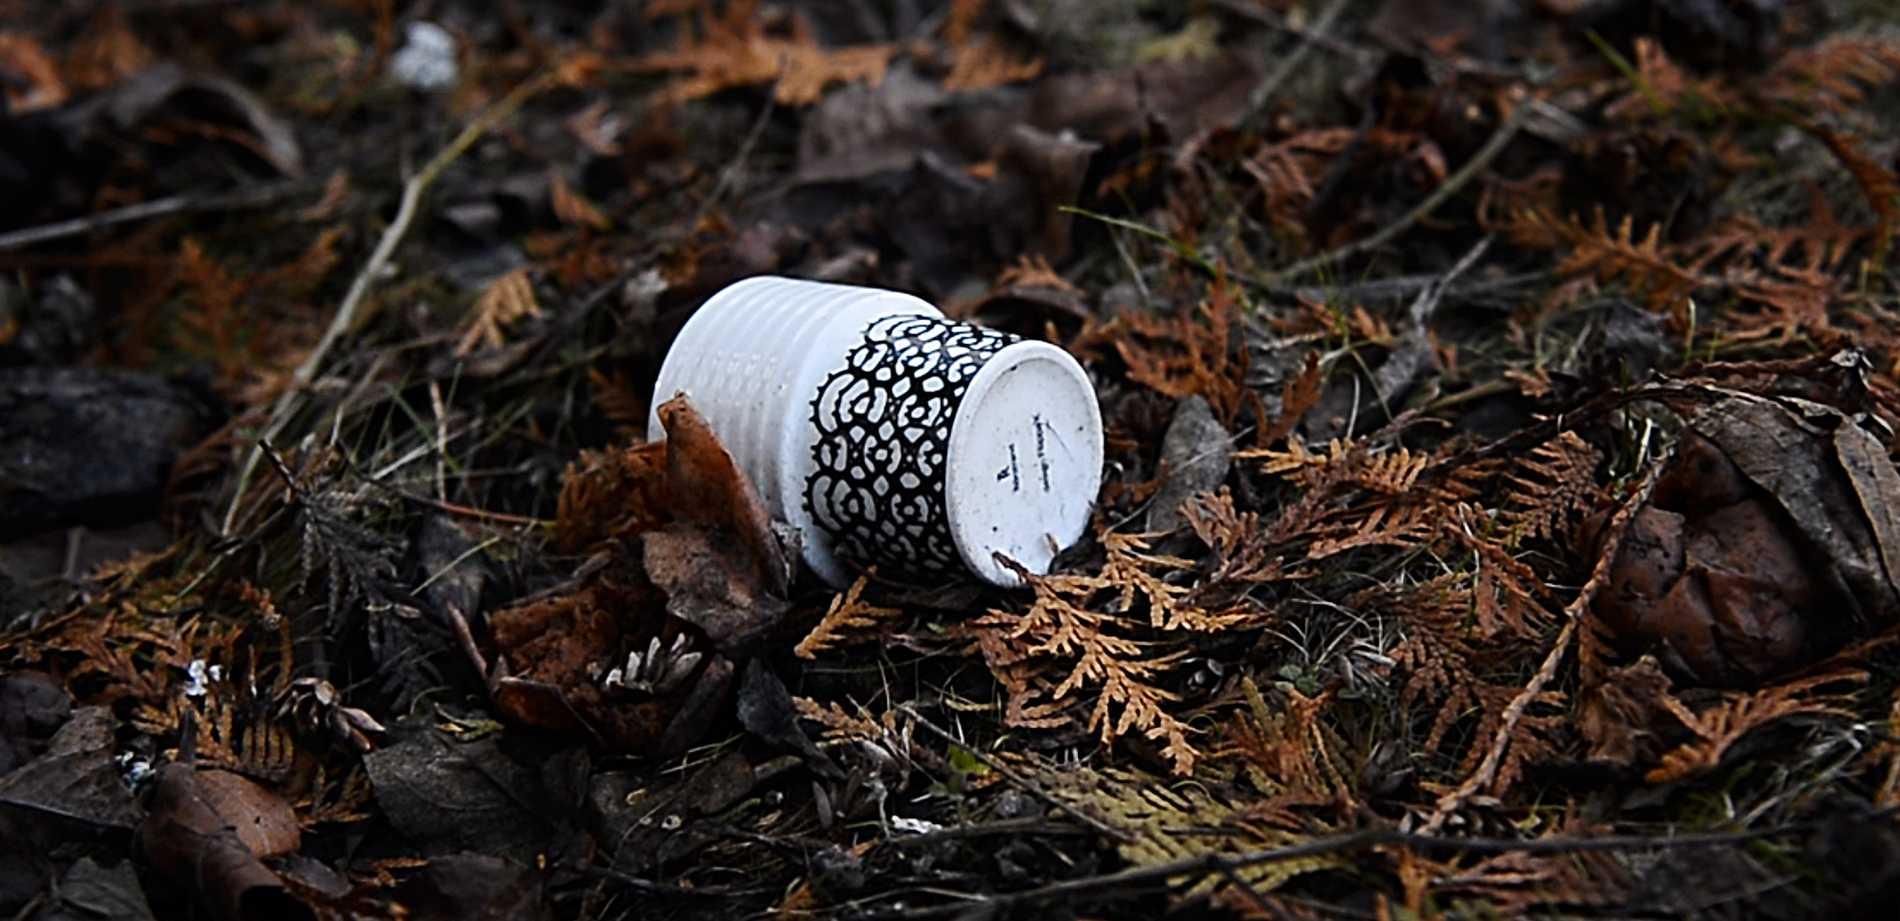 En kaffemugg som är en av de få saker som inte brann upp.